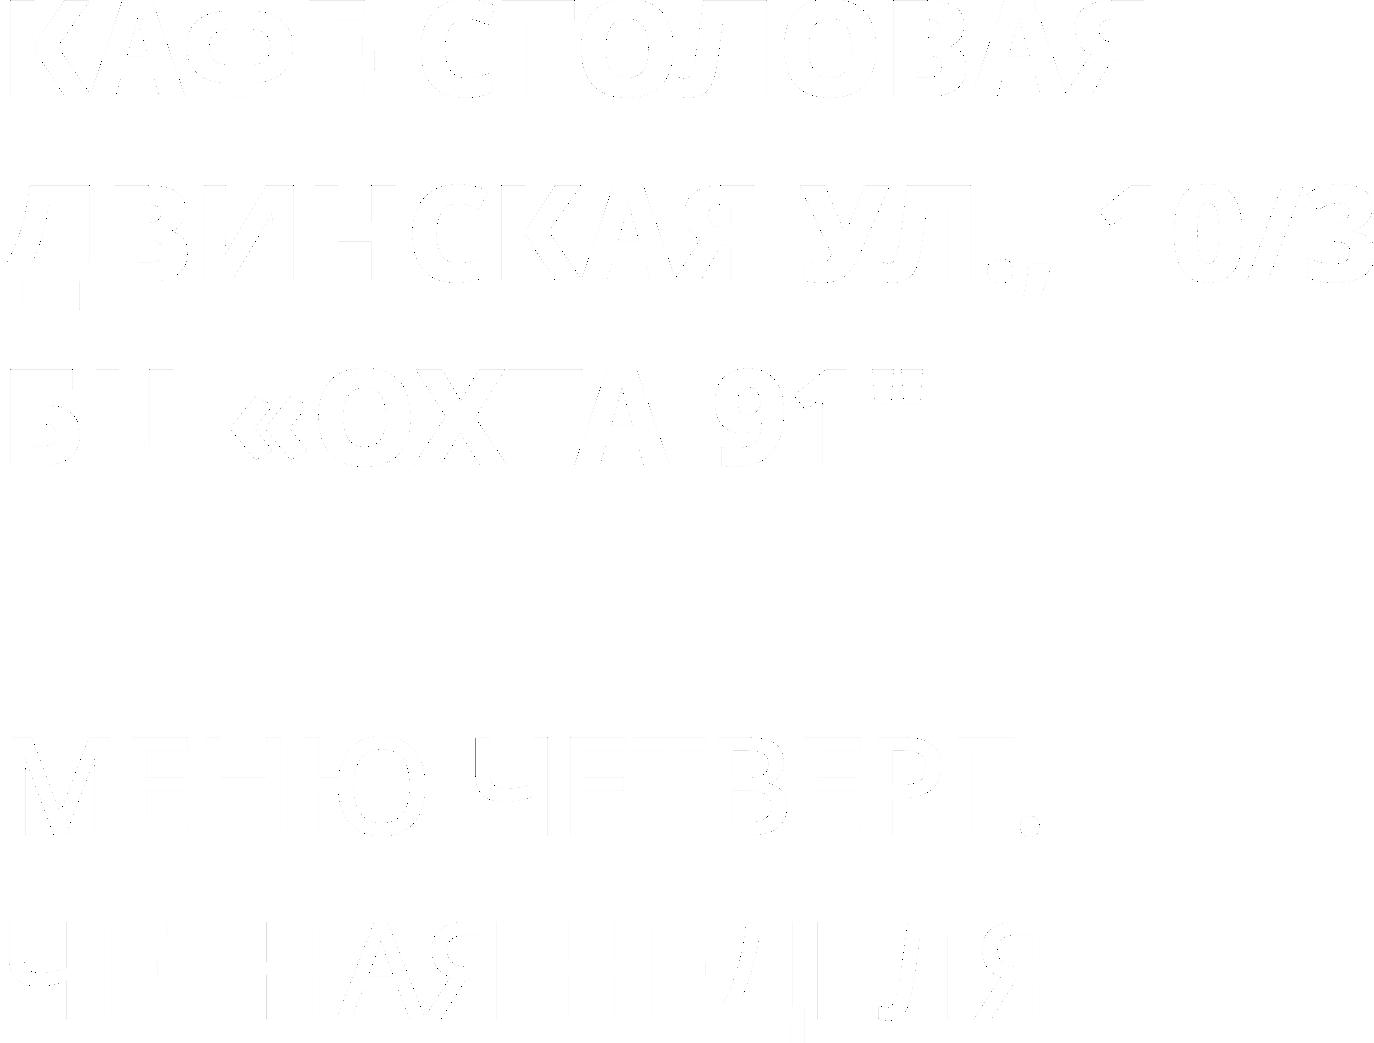 """КАФЕ-СТОЛОВАЯ БЦ """"ОХТА-91"""" Двинская ул., 10/3 МЕНЮ ЧЕТВЕРГ. ЧЕТНАЯ НЕДЕЛЯ"""